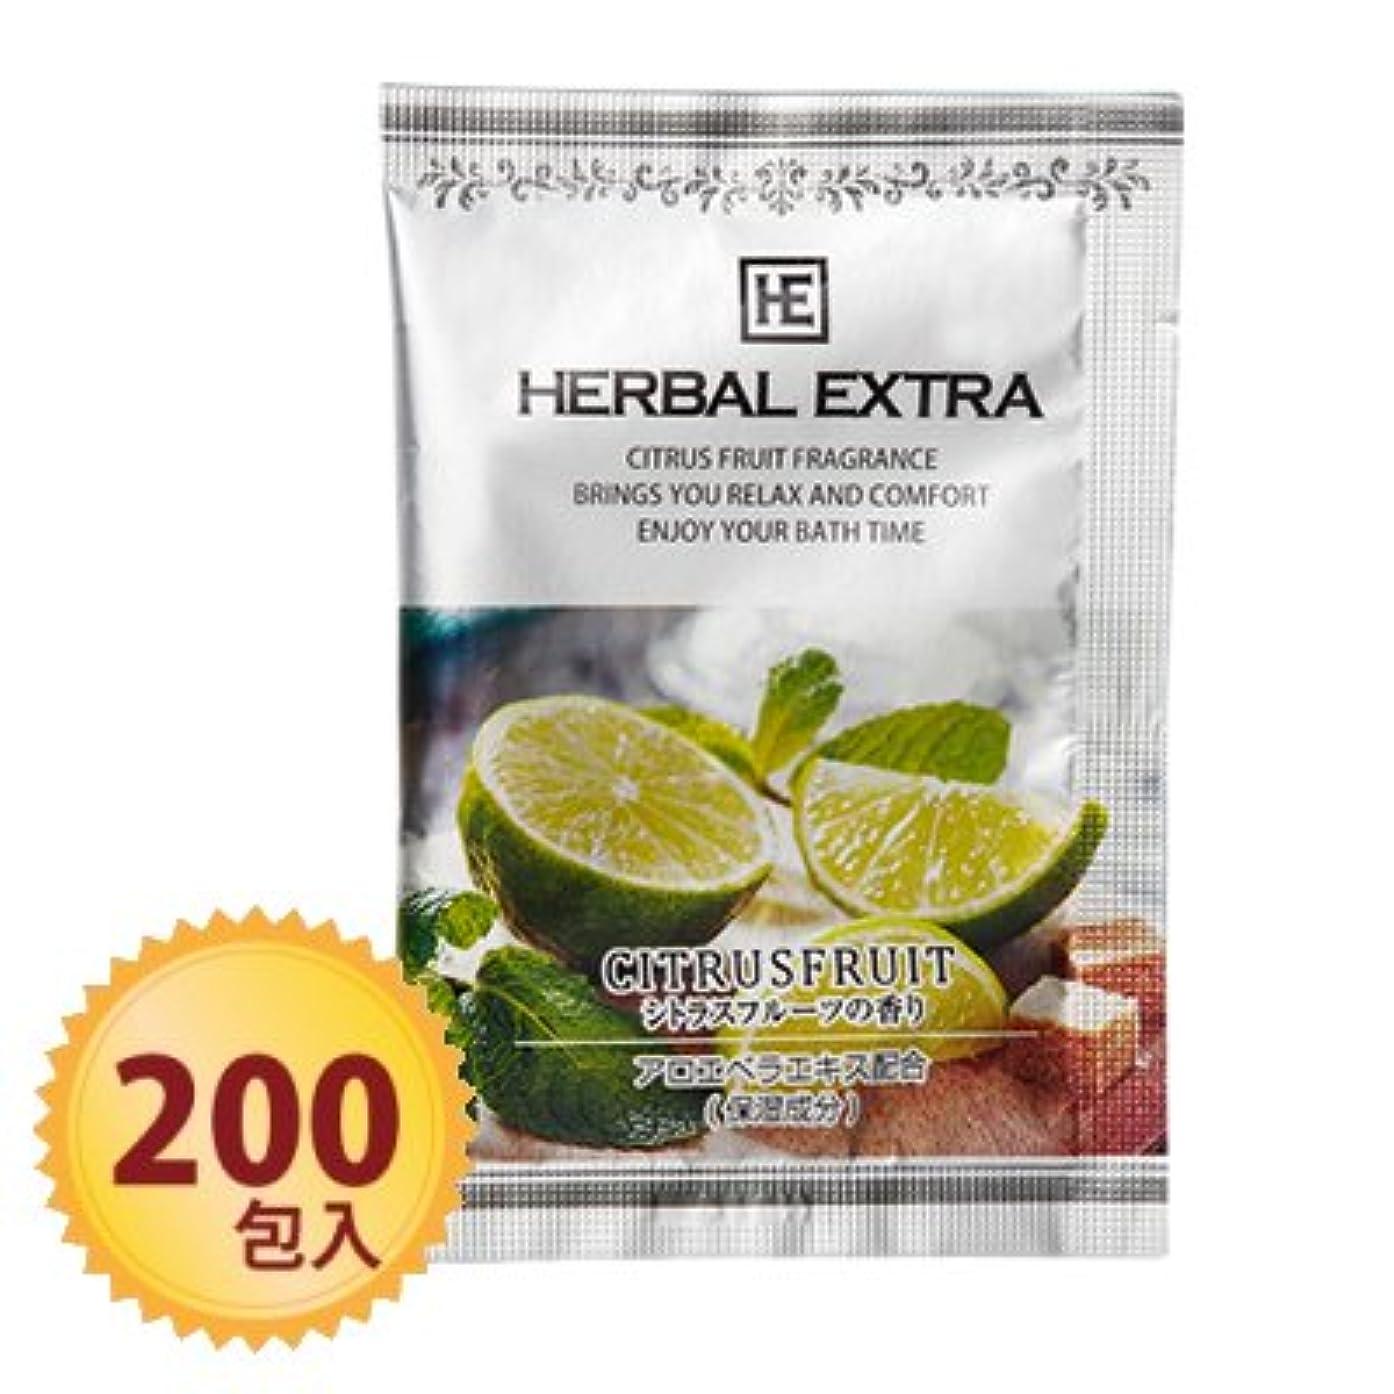 パンダ無限ほのかハーバルエクストラBS シトラスフルーツの香り 20g×200個